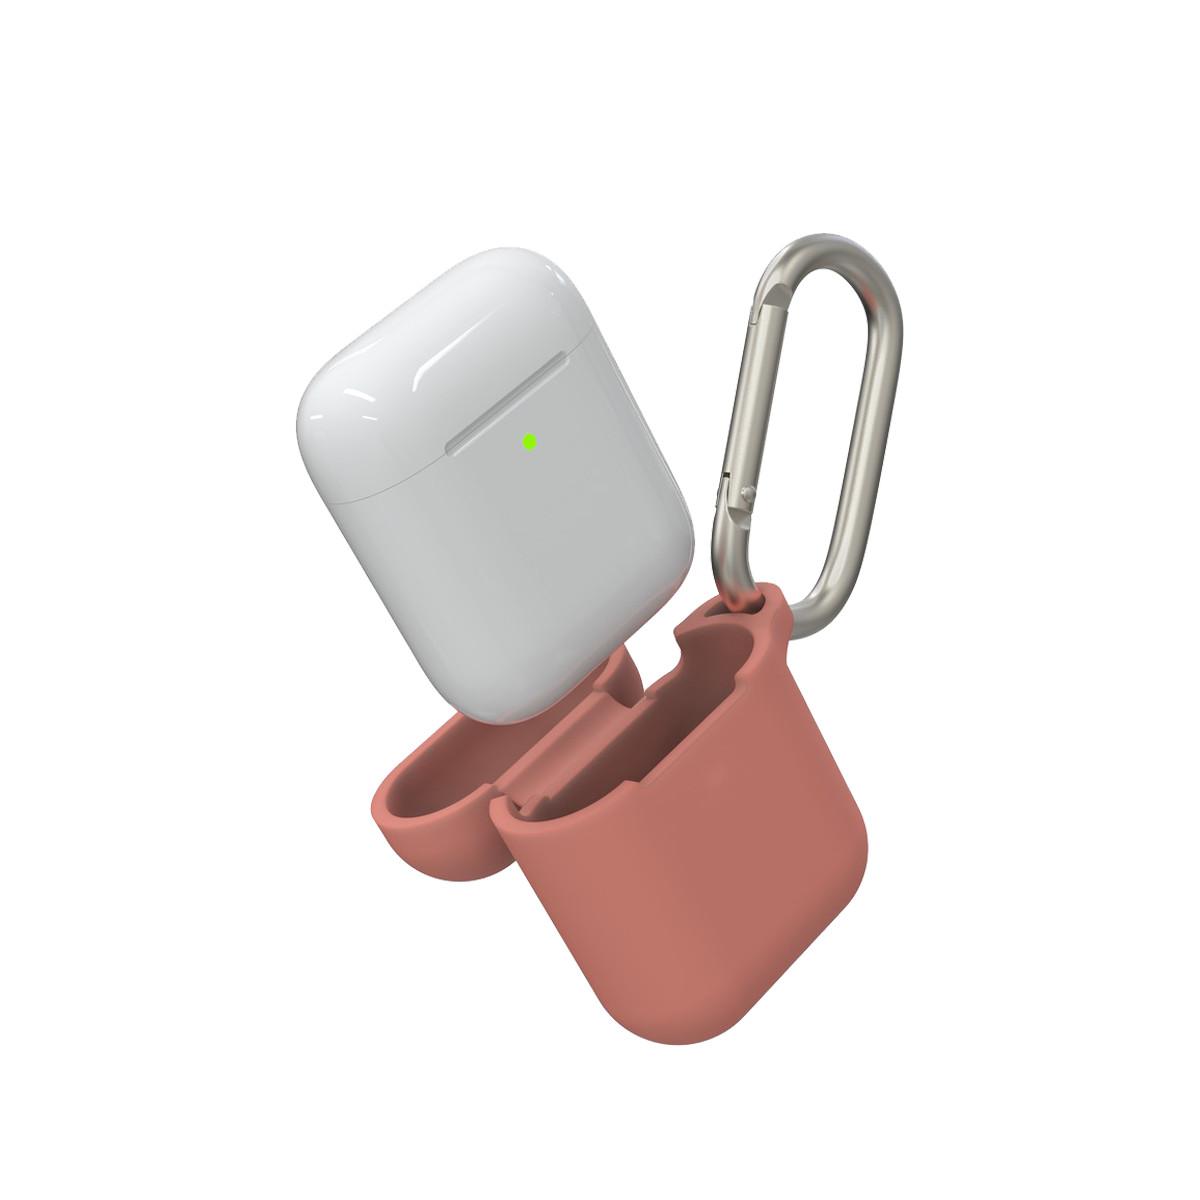 Bao Gear4 chống sốc, chống bẩn cho Airpod 1 & 2 - tương thích với sạc không dây mà không cần tháo vỏ - Hàng chính hãng